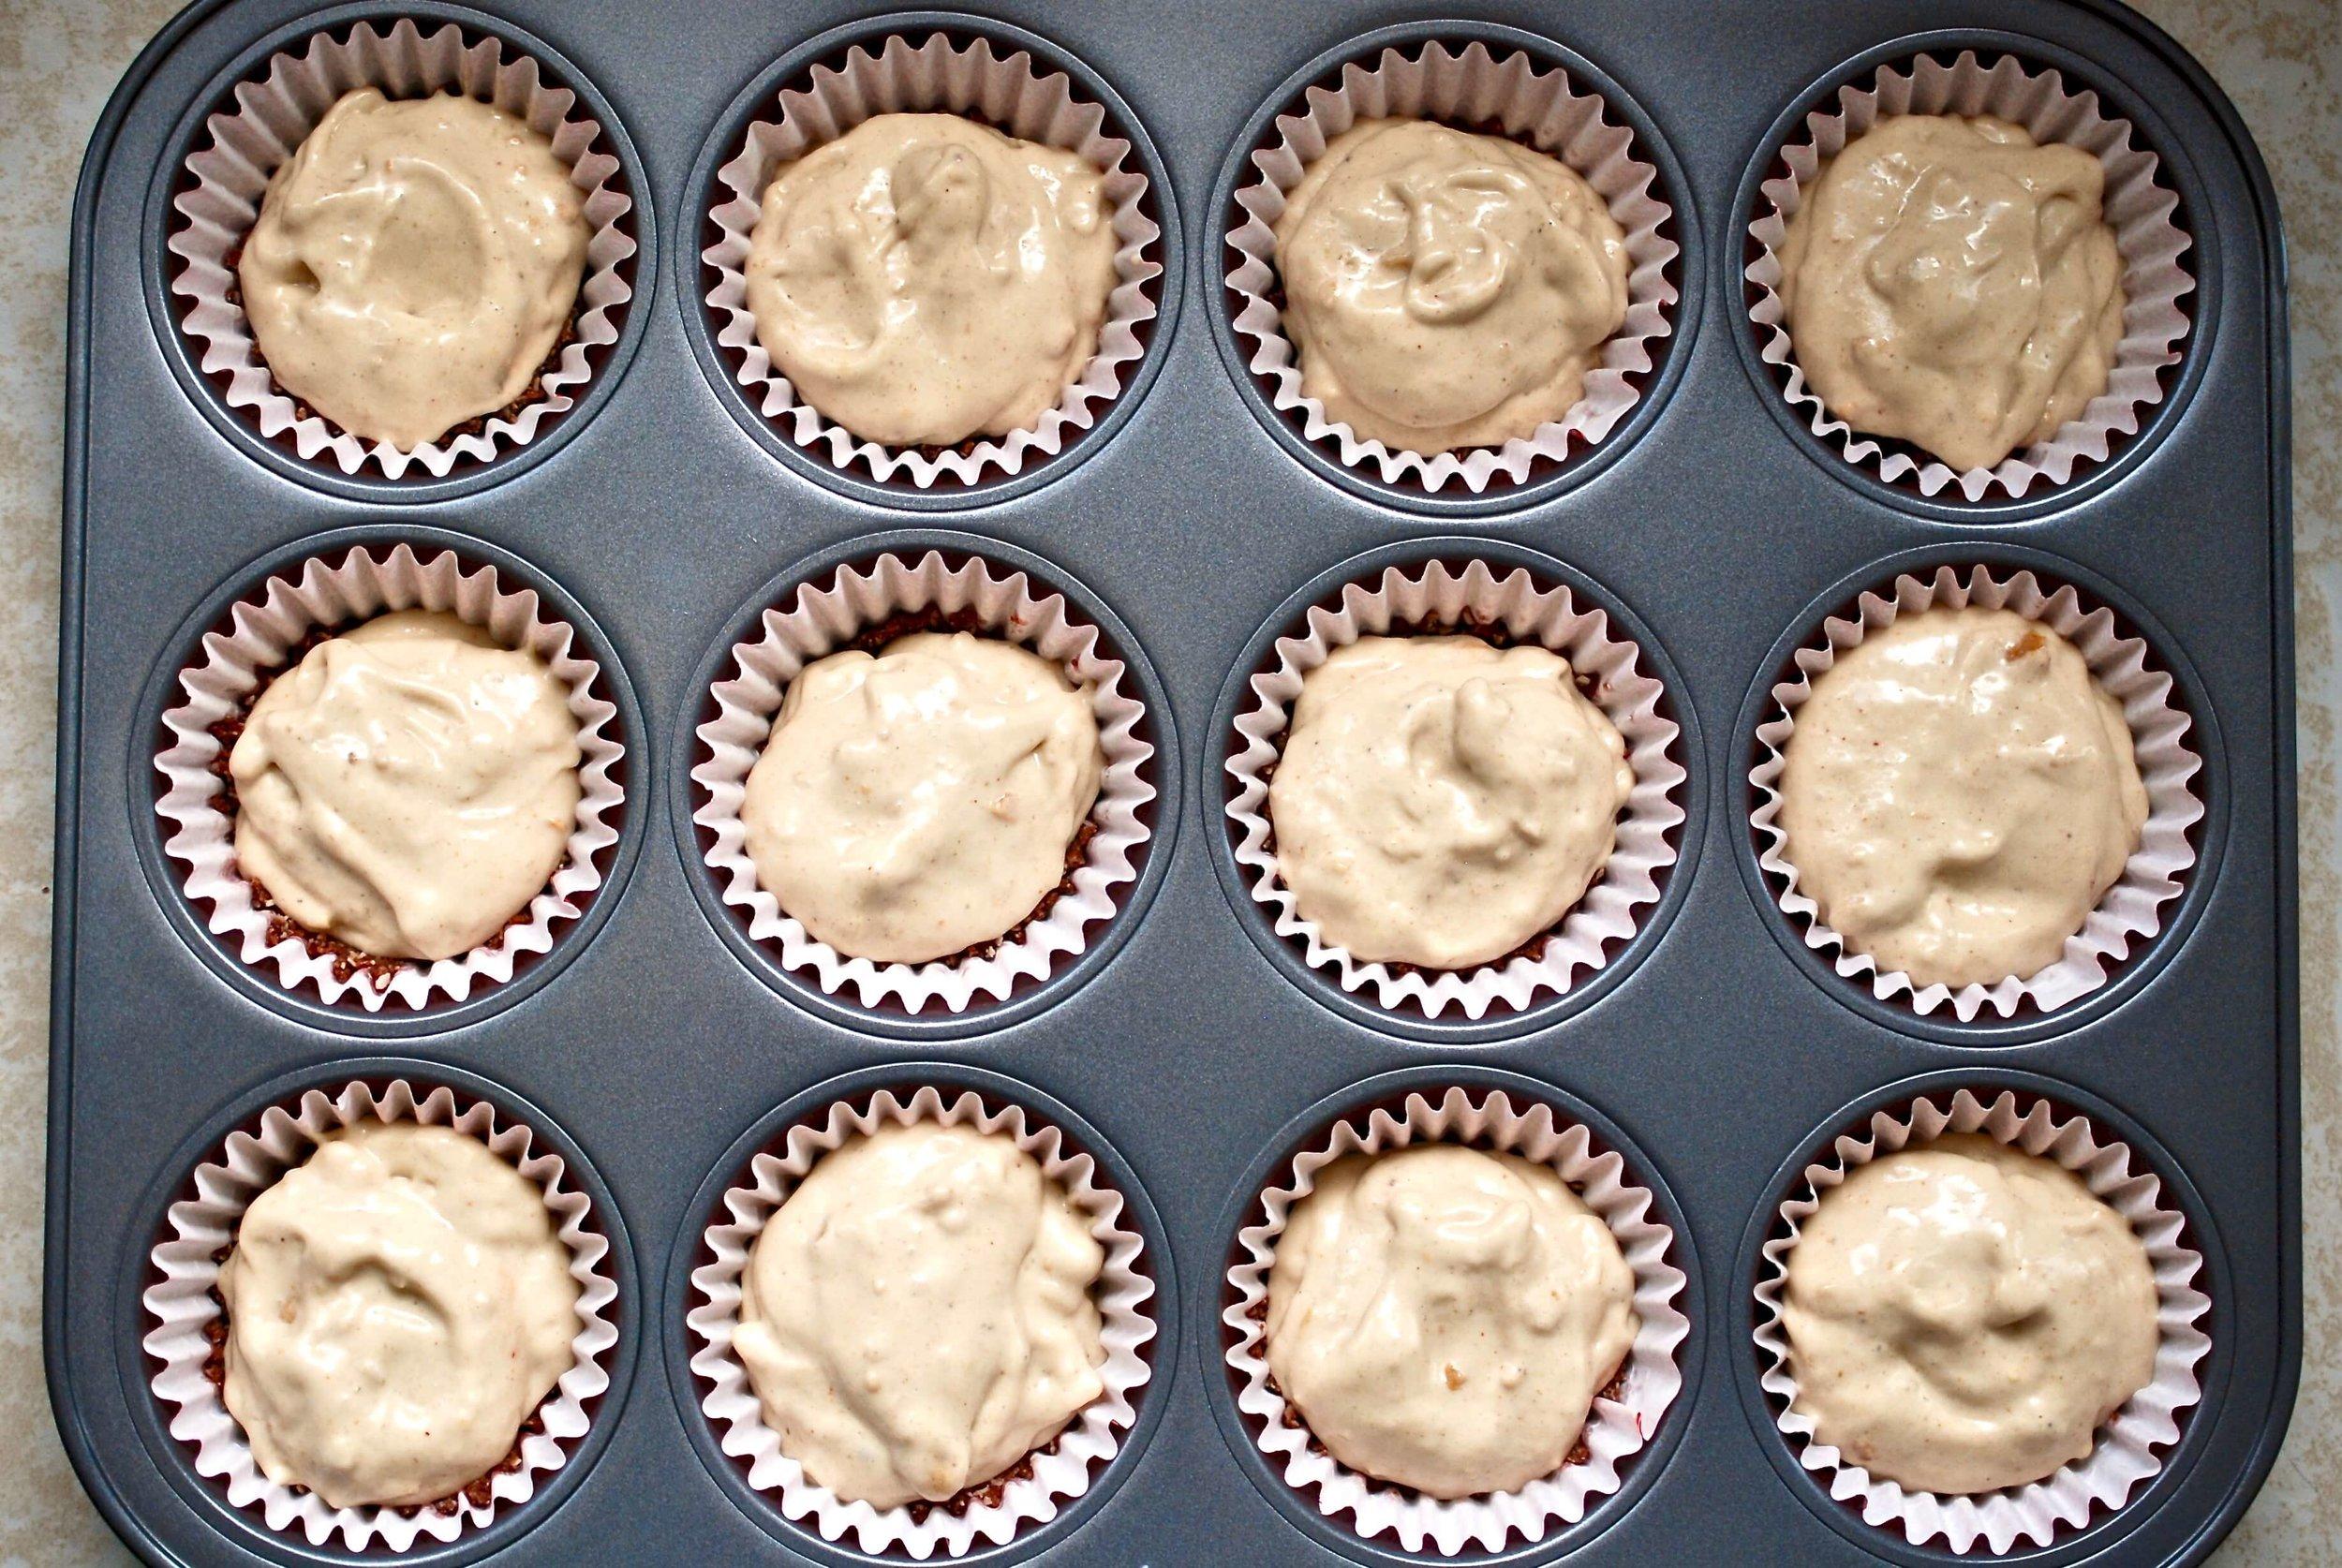 Muffin Tin_3.jpg